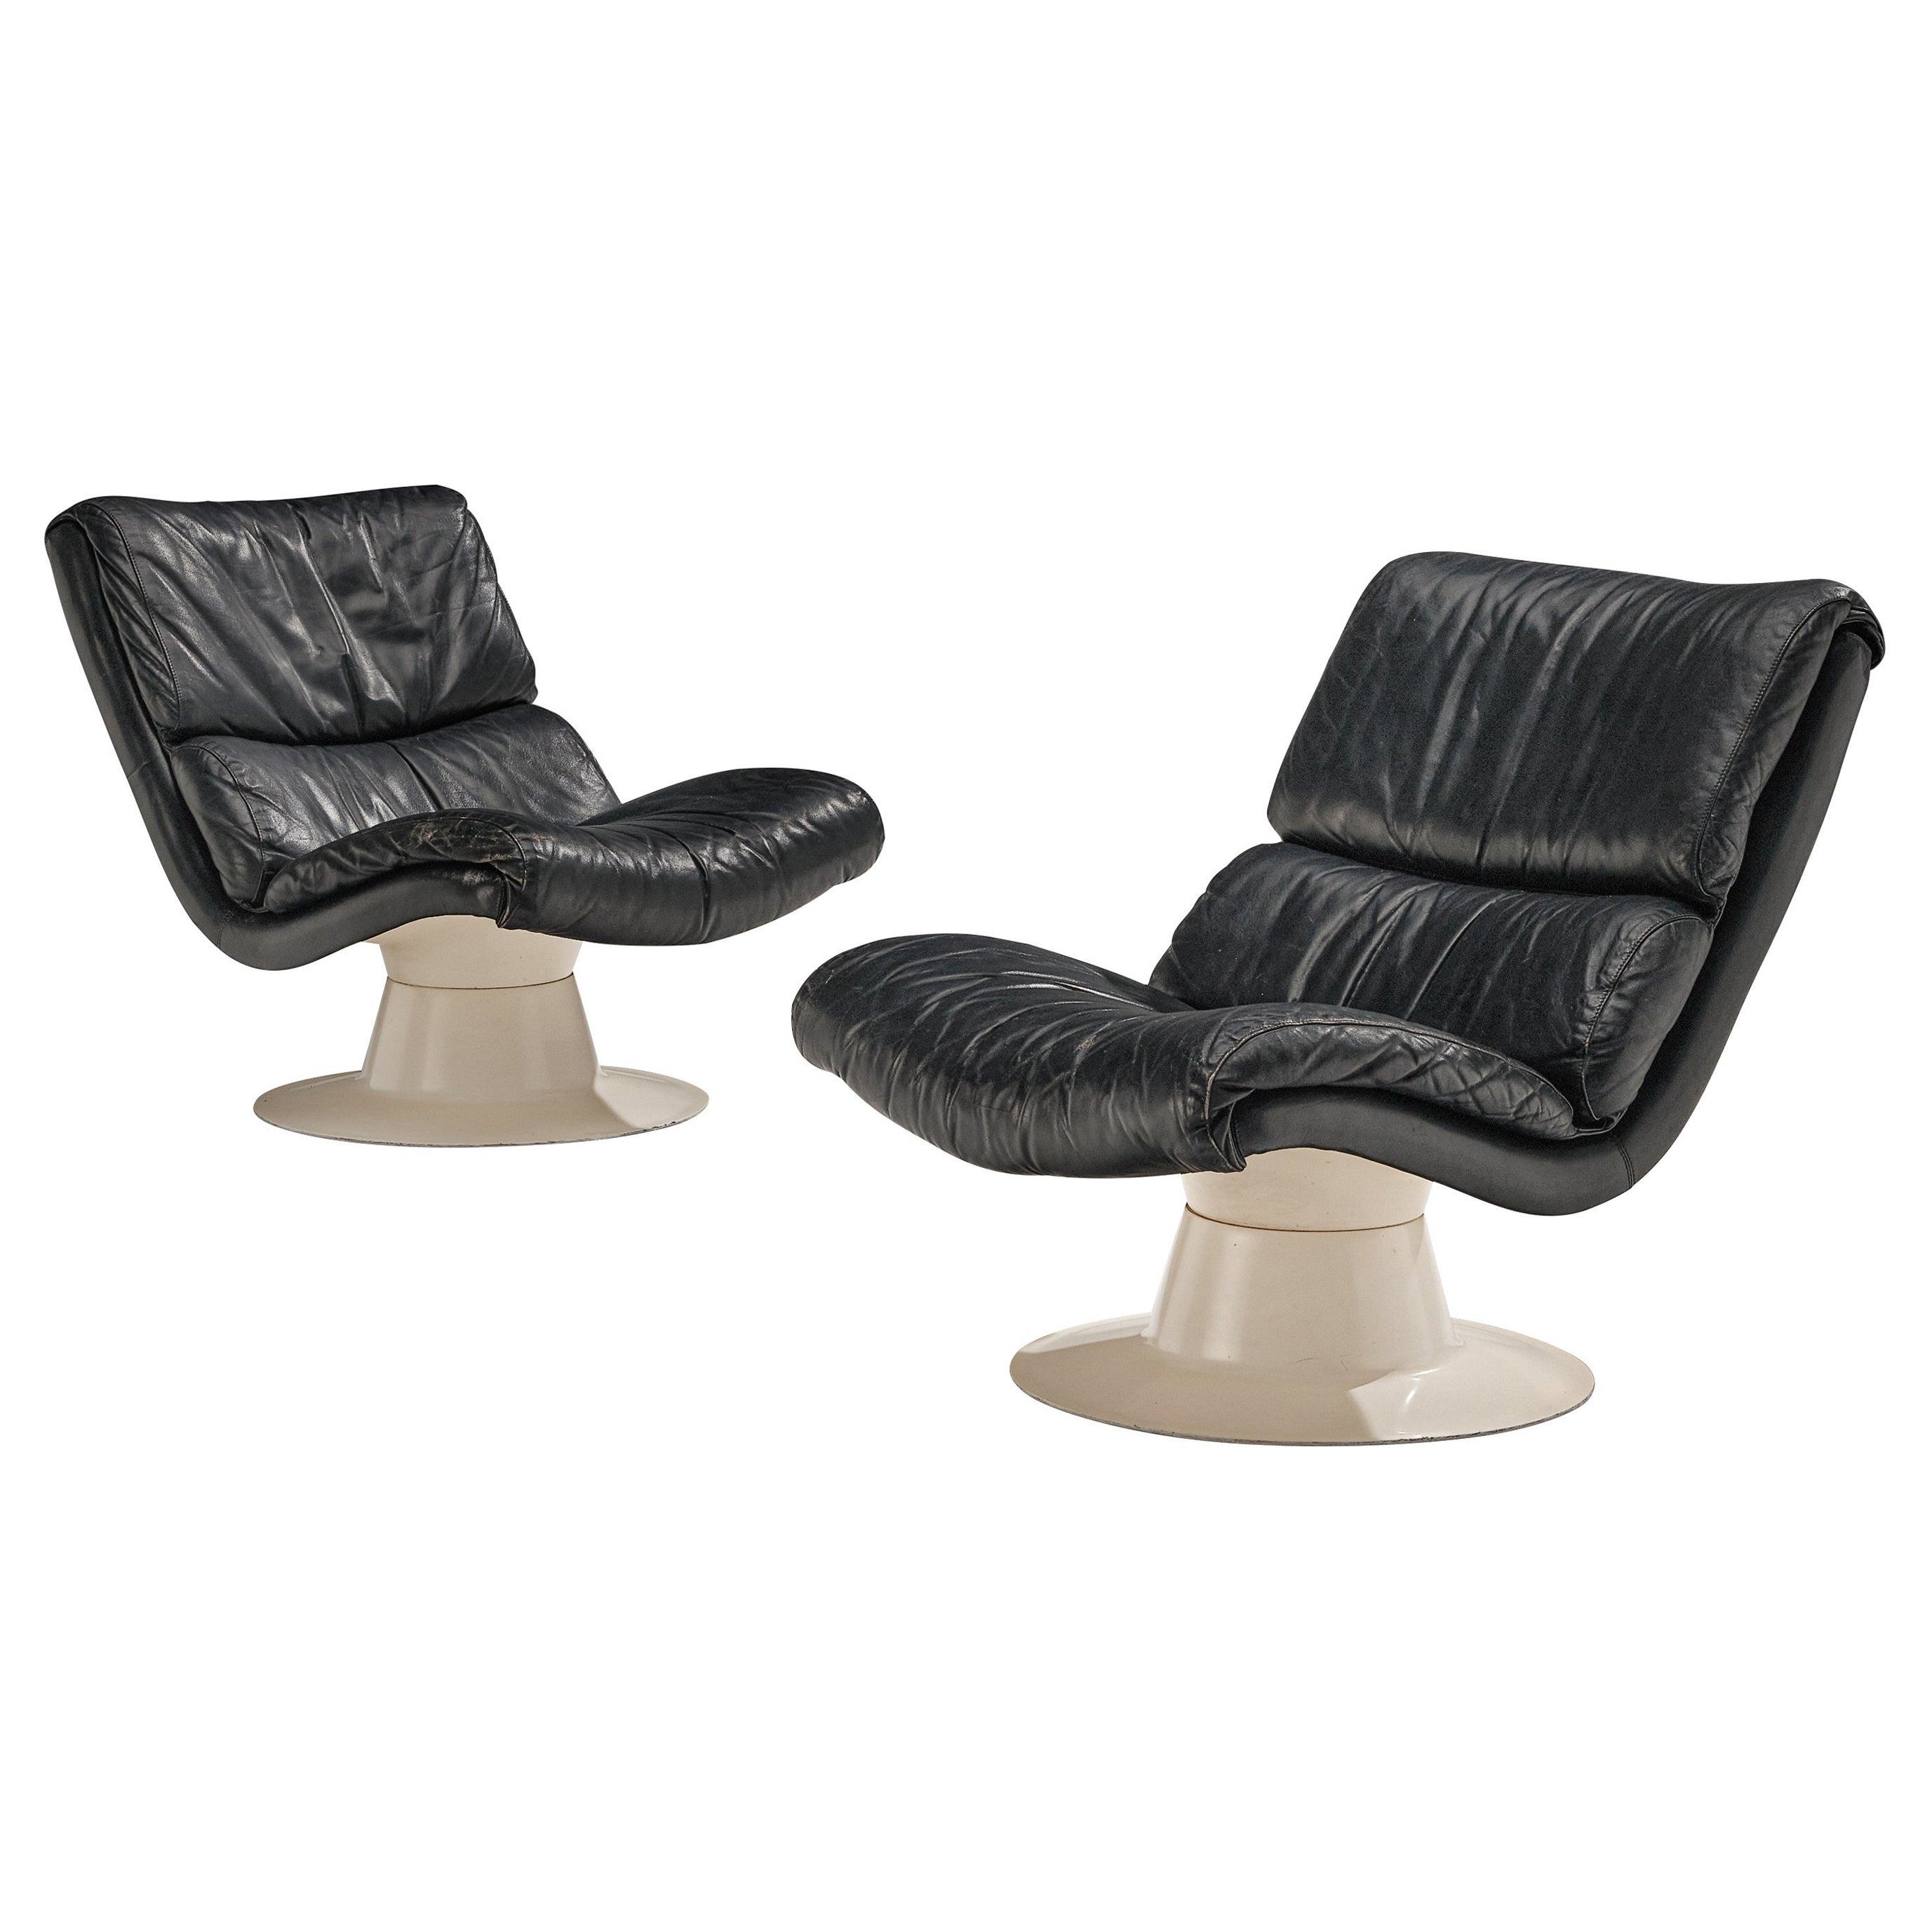 Yrjo Kukkapuro Pair of Lounge Chairs Model 'Saturnus C' in Black Leather